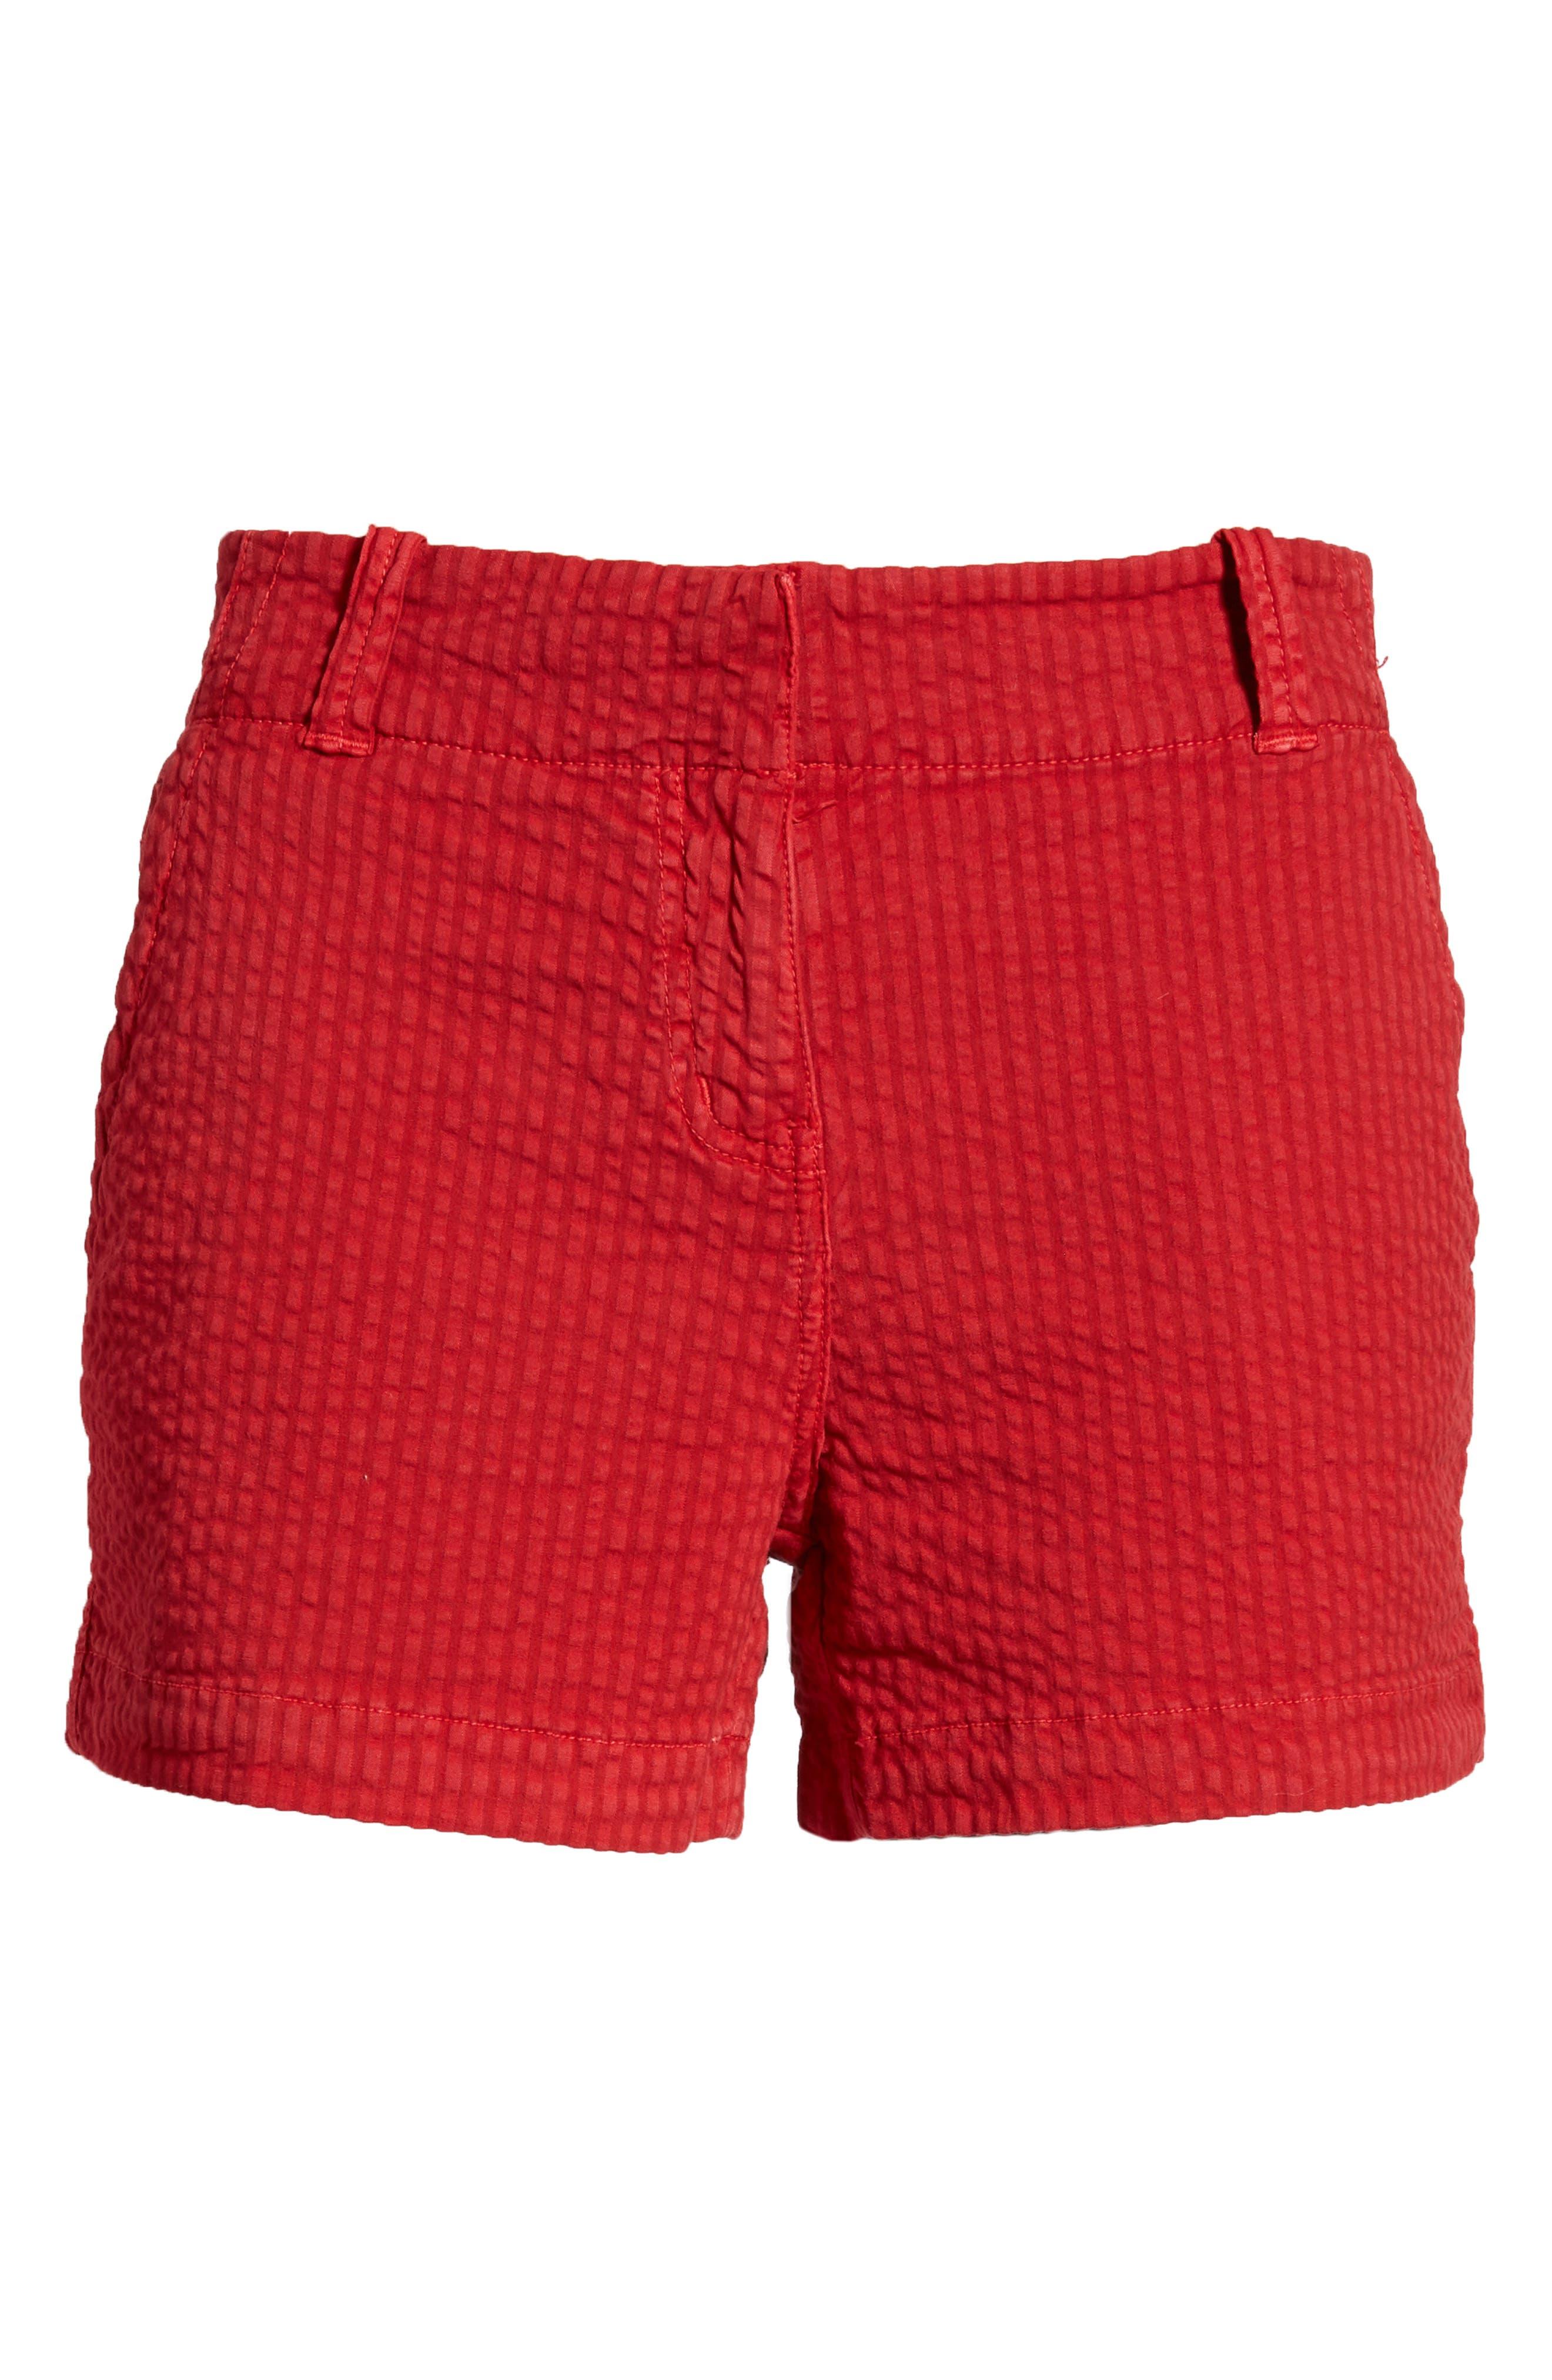 Everyday Seersucker Shorts,                             Alternate thumbnail 6, color,                             Red Velvet